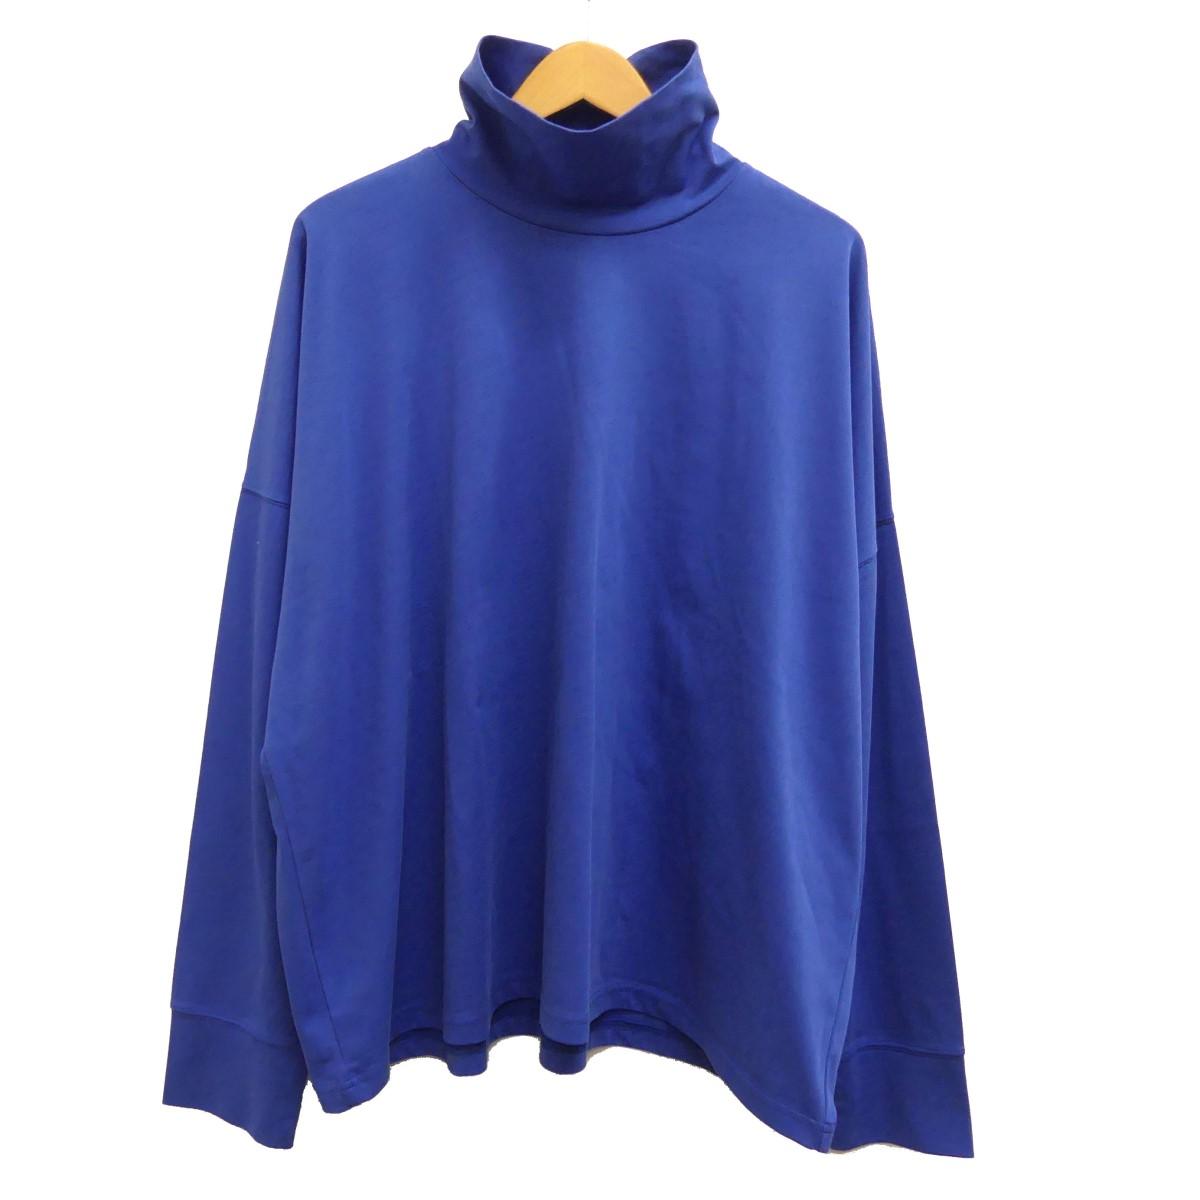 【中古】STUDIO NICHOLSON roll neck lomg sleeve t-shirt タートルネックカットソー ブルー サイズ:M 【070420】(スタジオ ニコルソン)